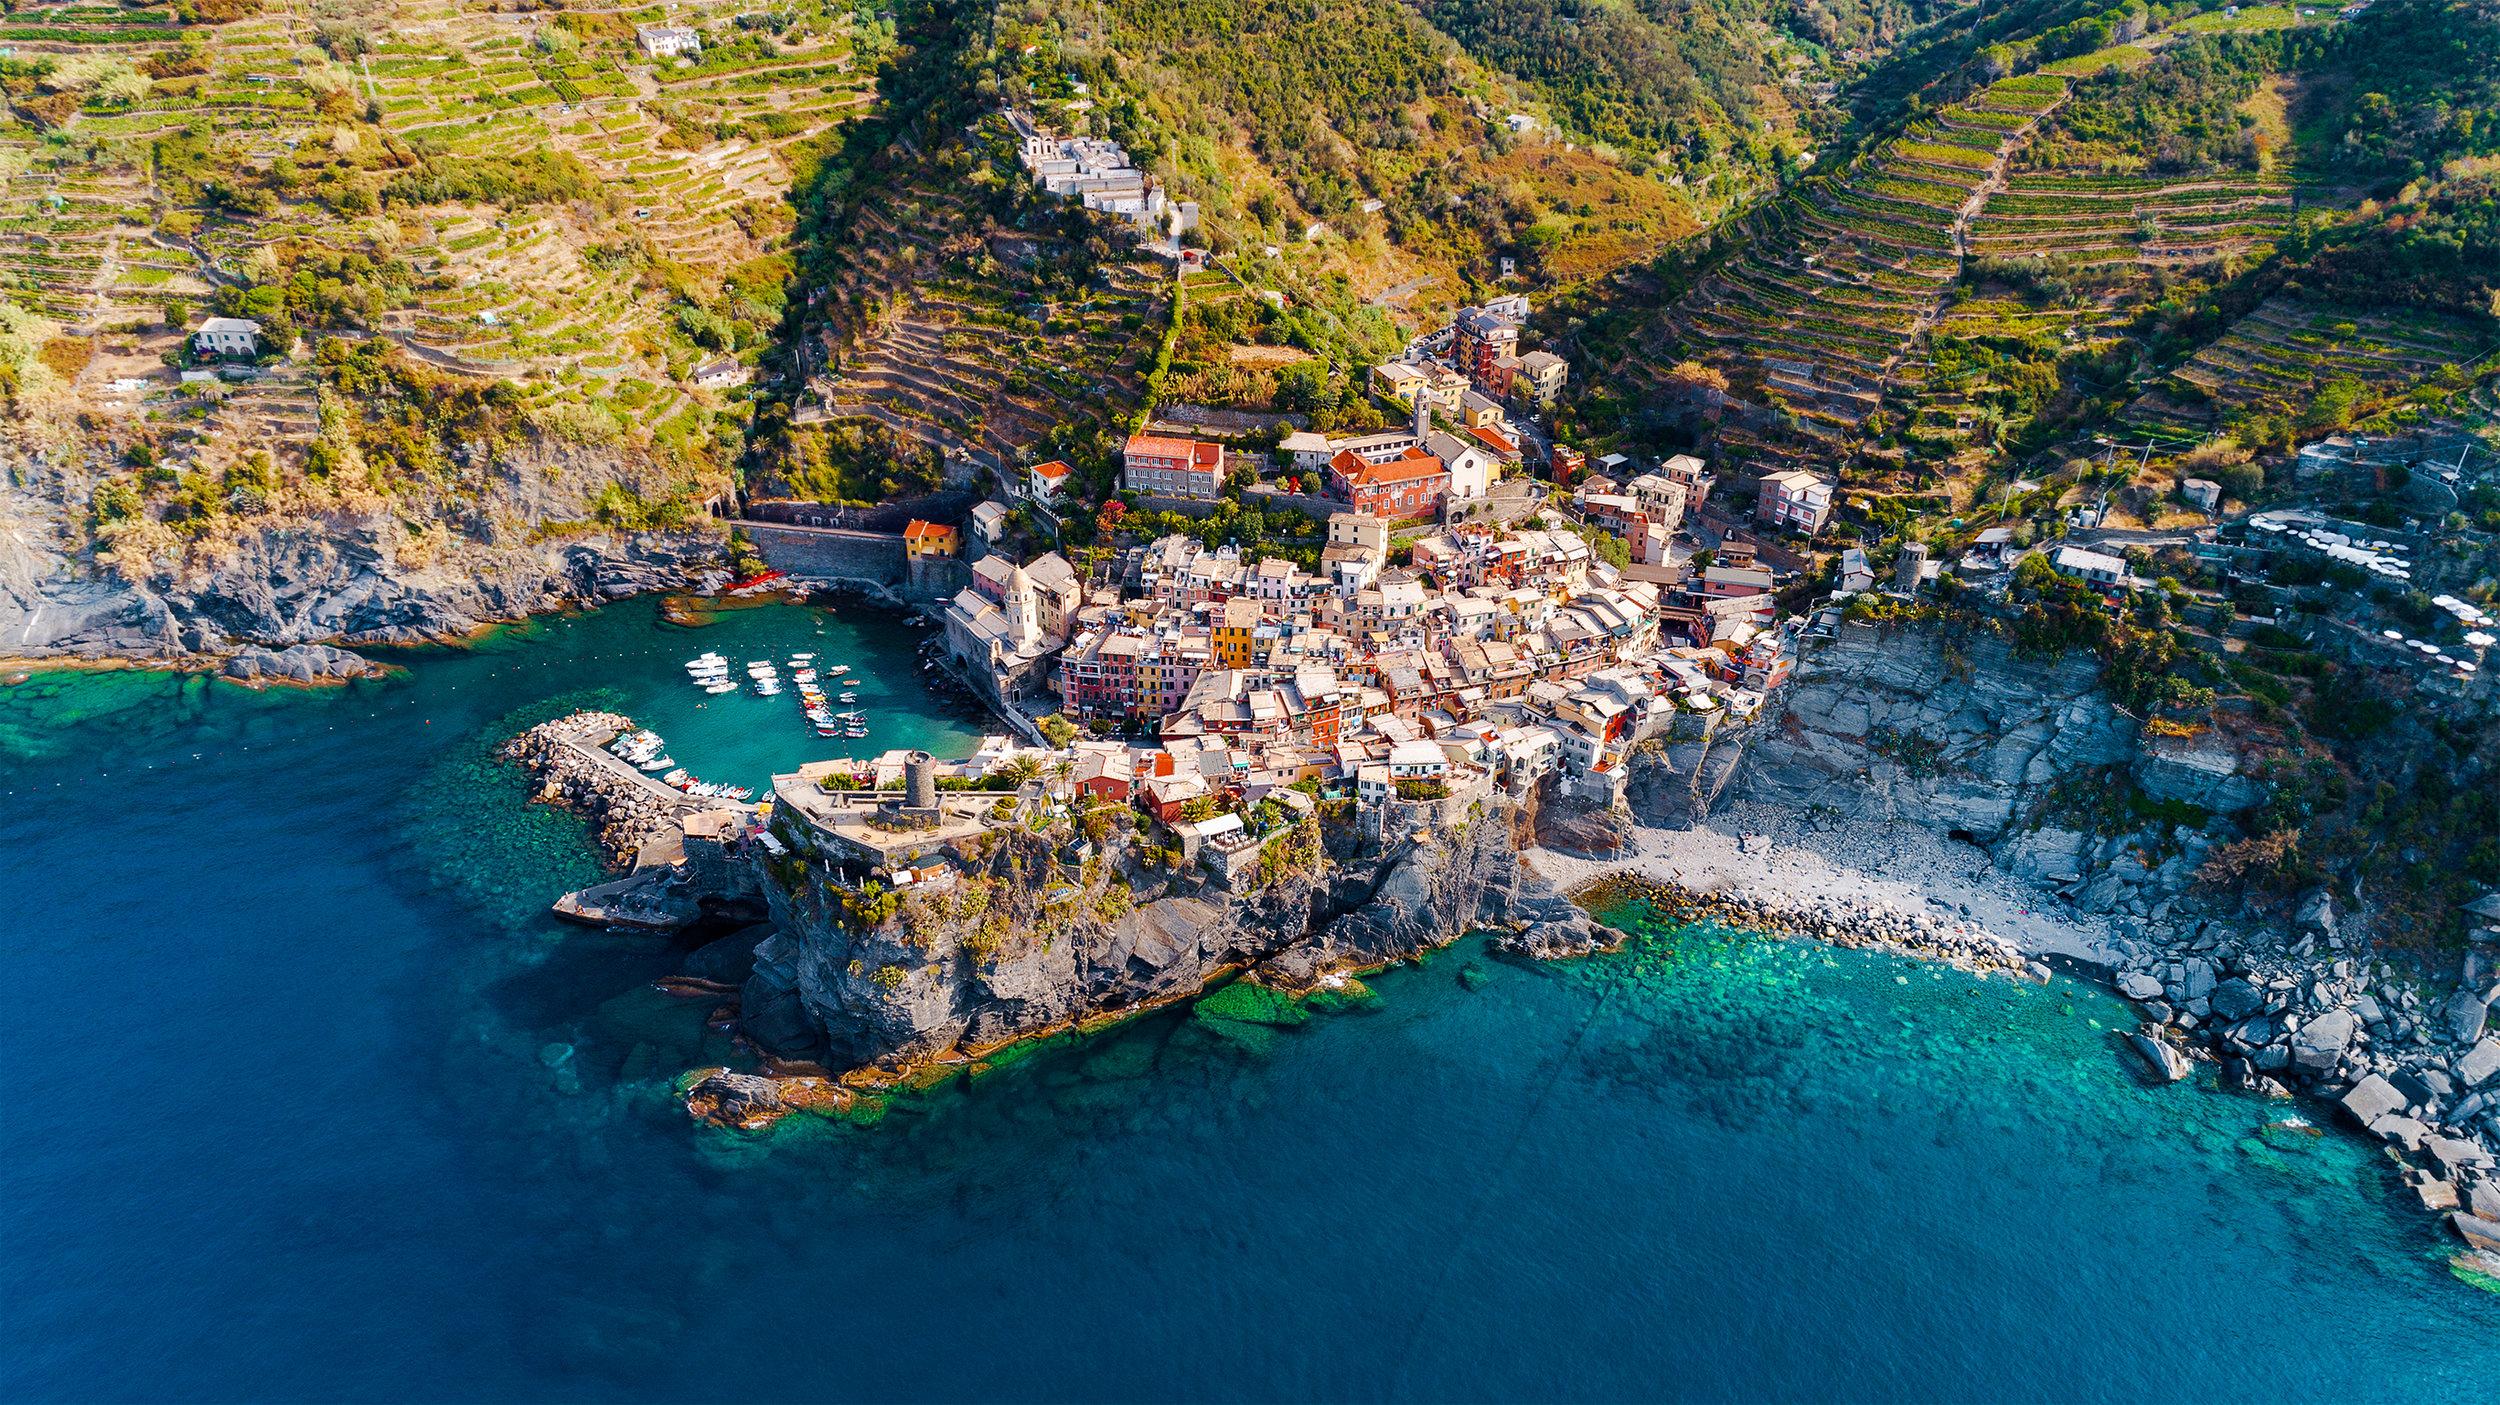 Medelhavet - Ta del av de hänförande kusterna längs Medelhavet med Azamara Journeys många rutter. Hitta den som passar dig bäst!